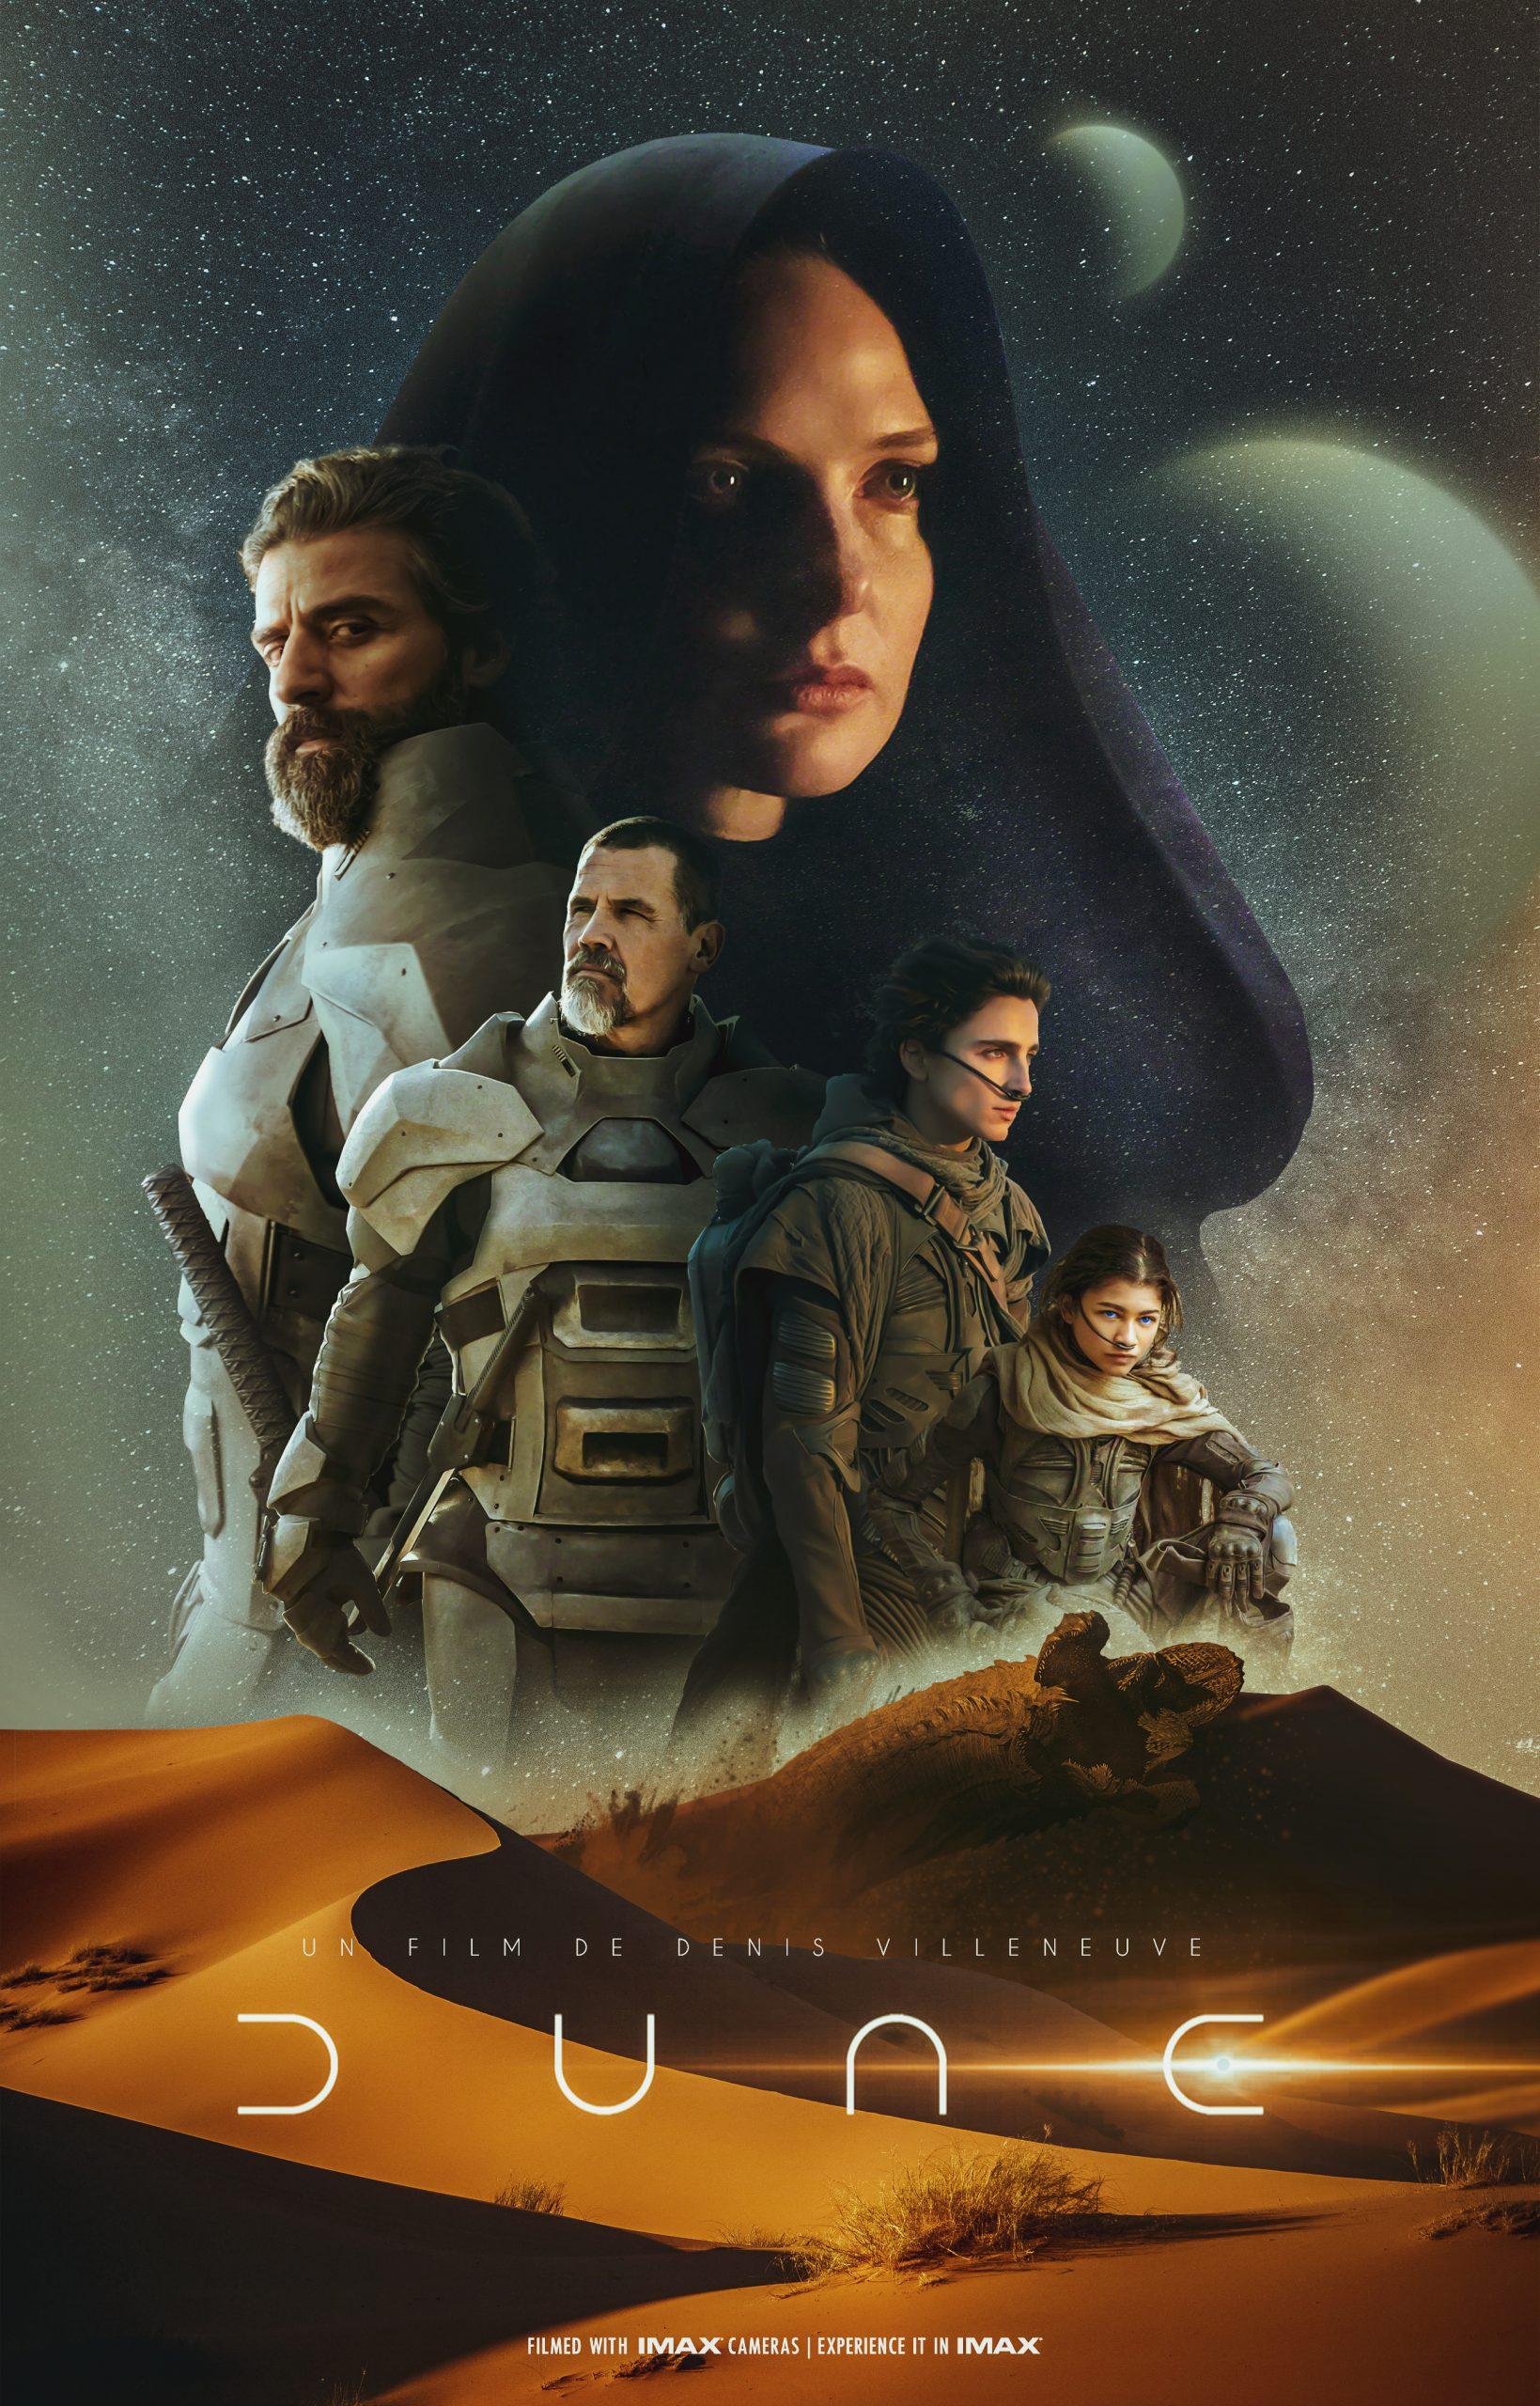 Dune Posterspy